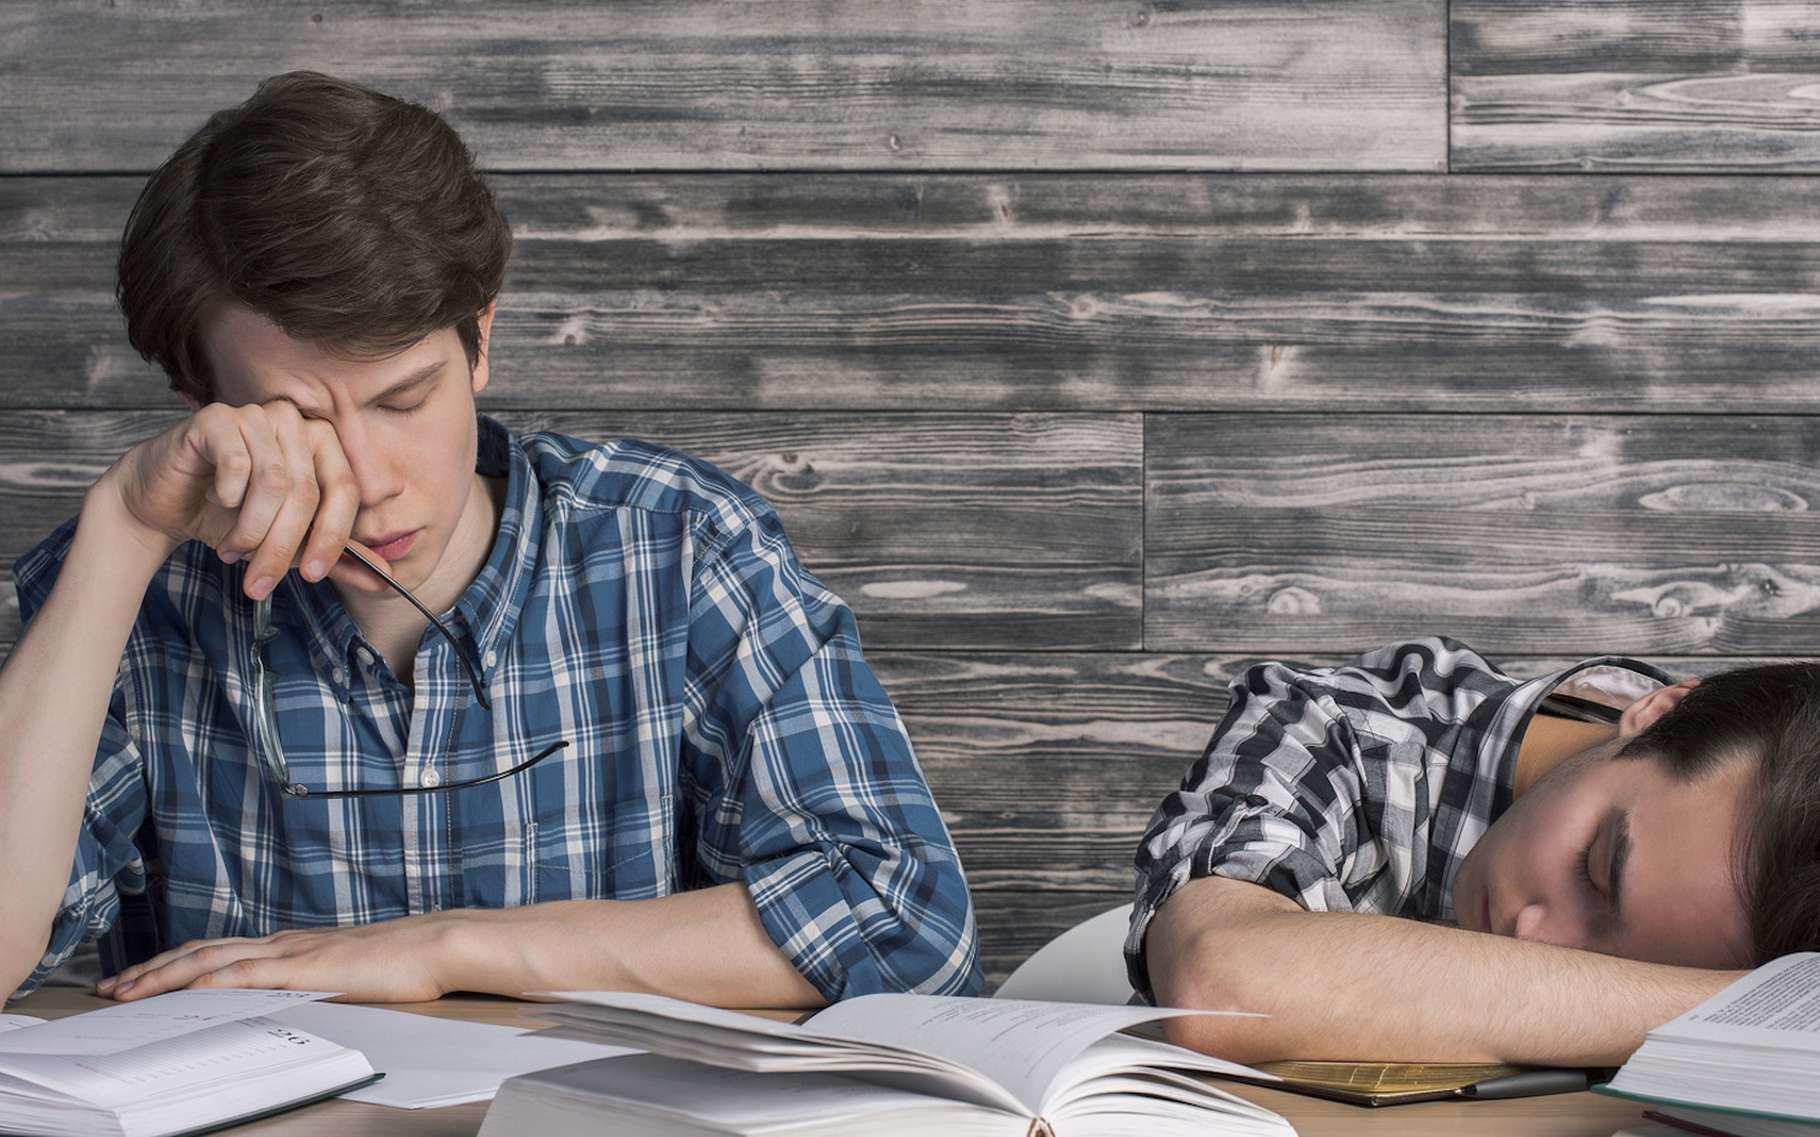 Les experts sont formels. Le sommeil est un allié de la réussite. © peshkova, Fotolia